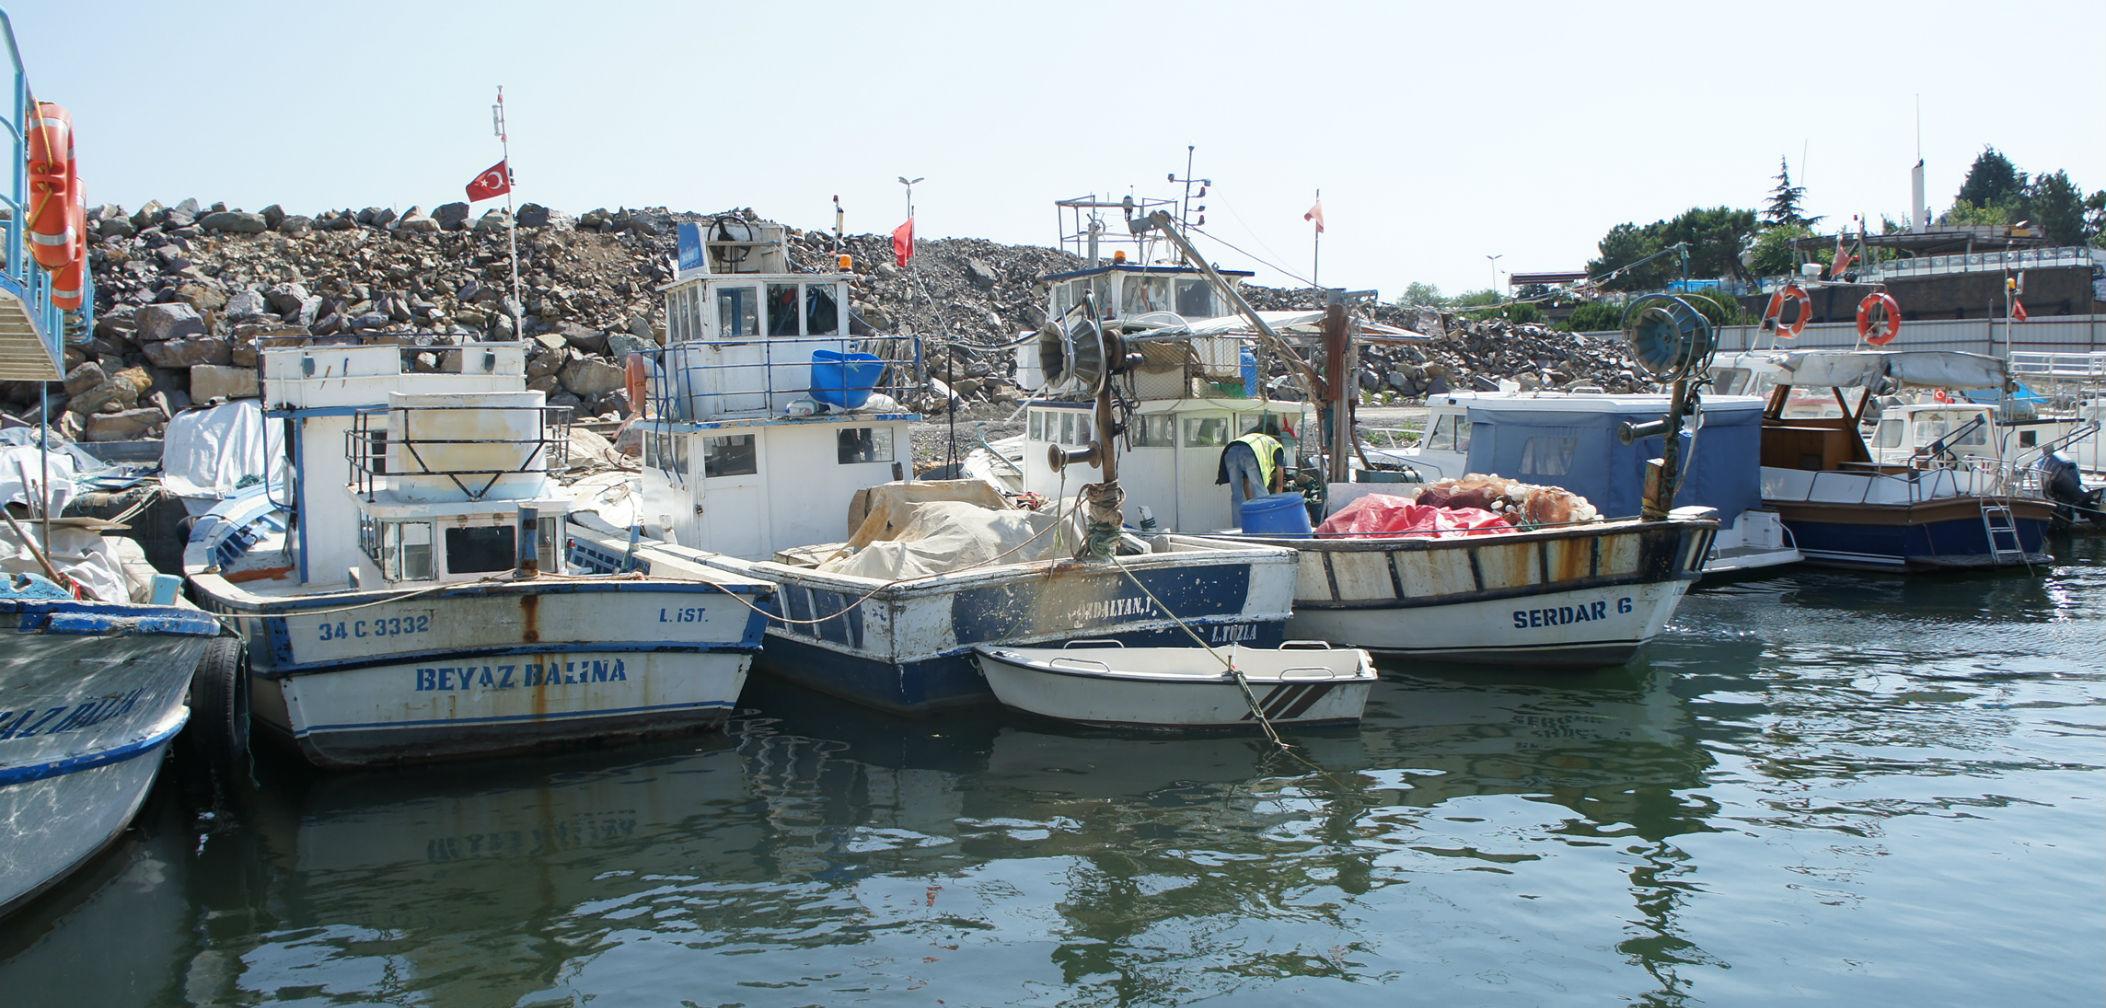 Balıkçı barınakları marina mı olacak?